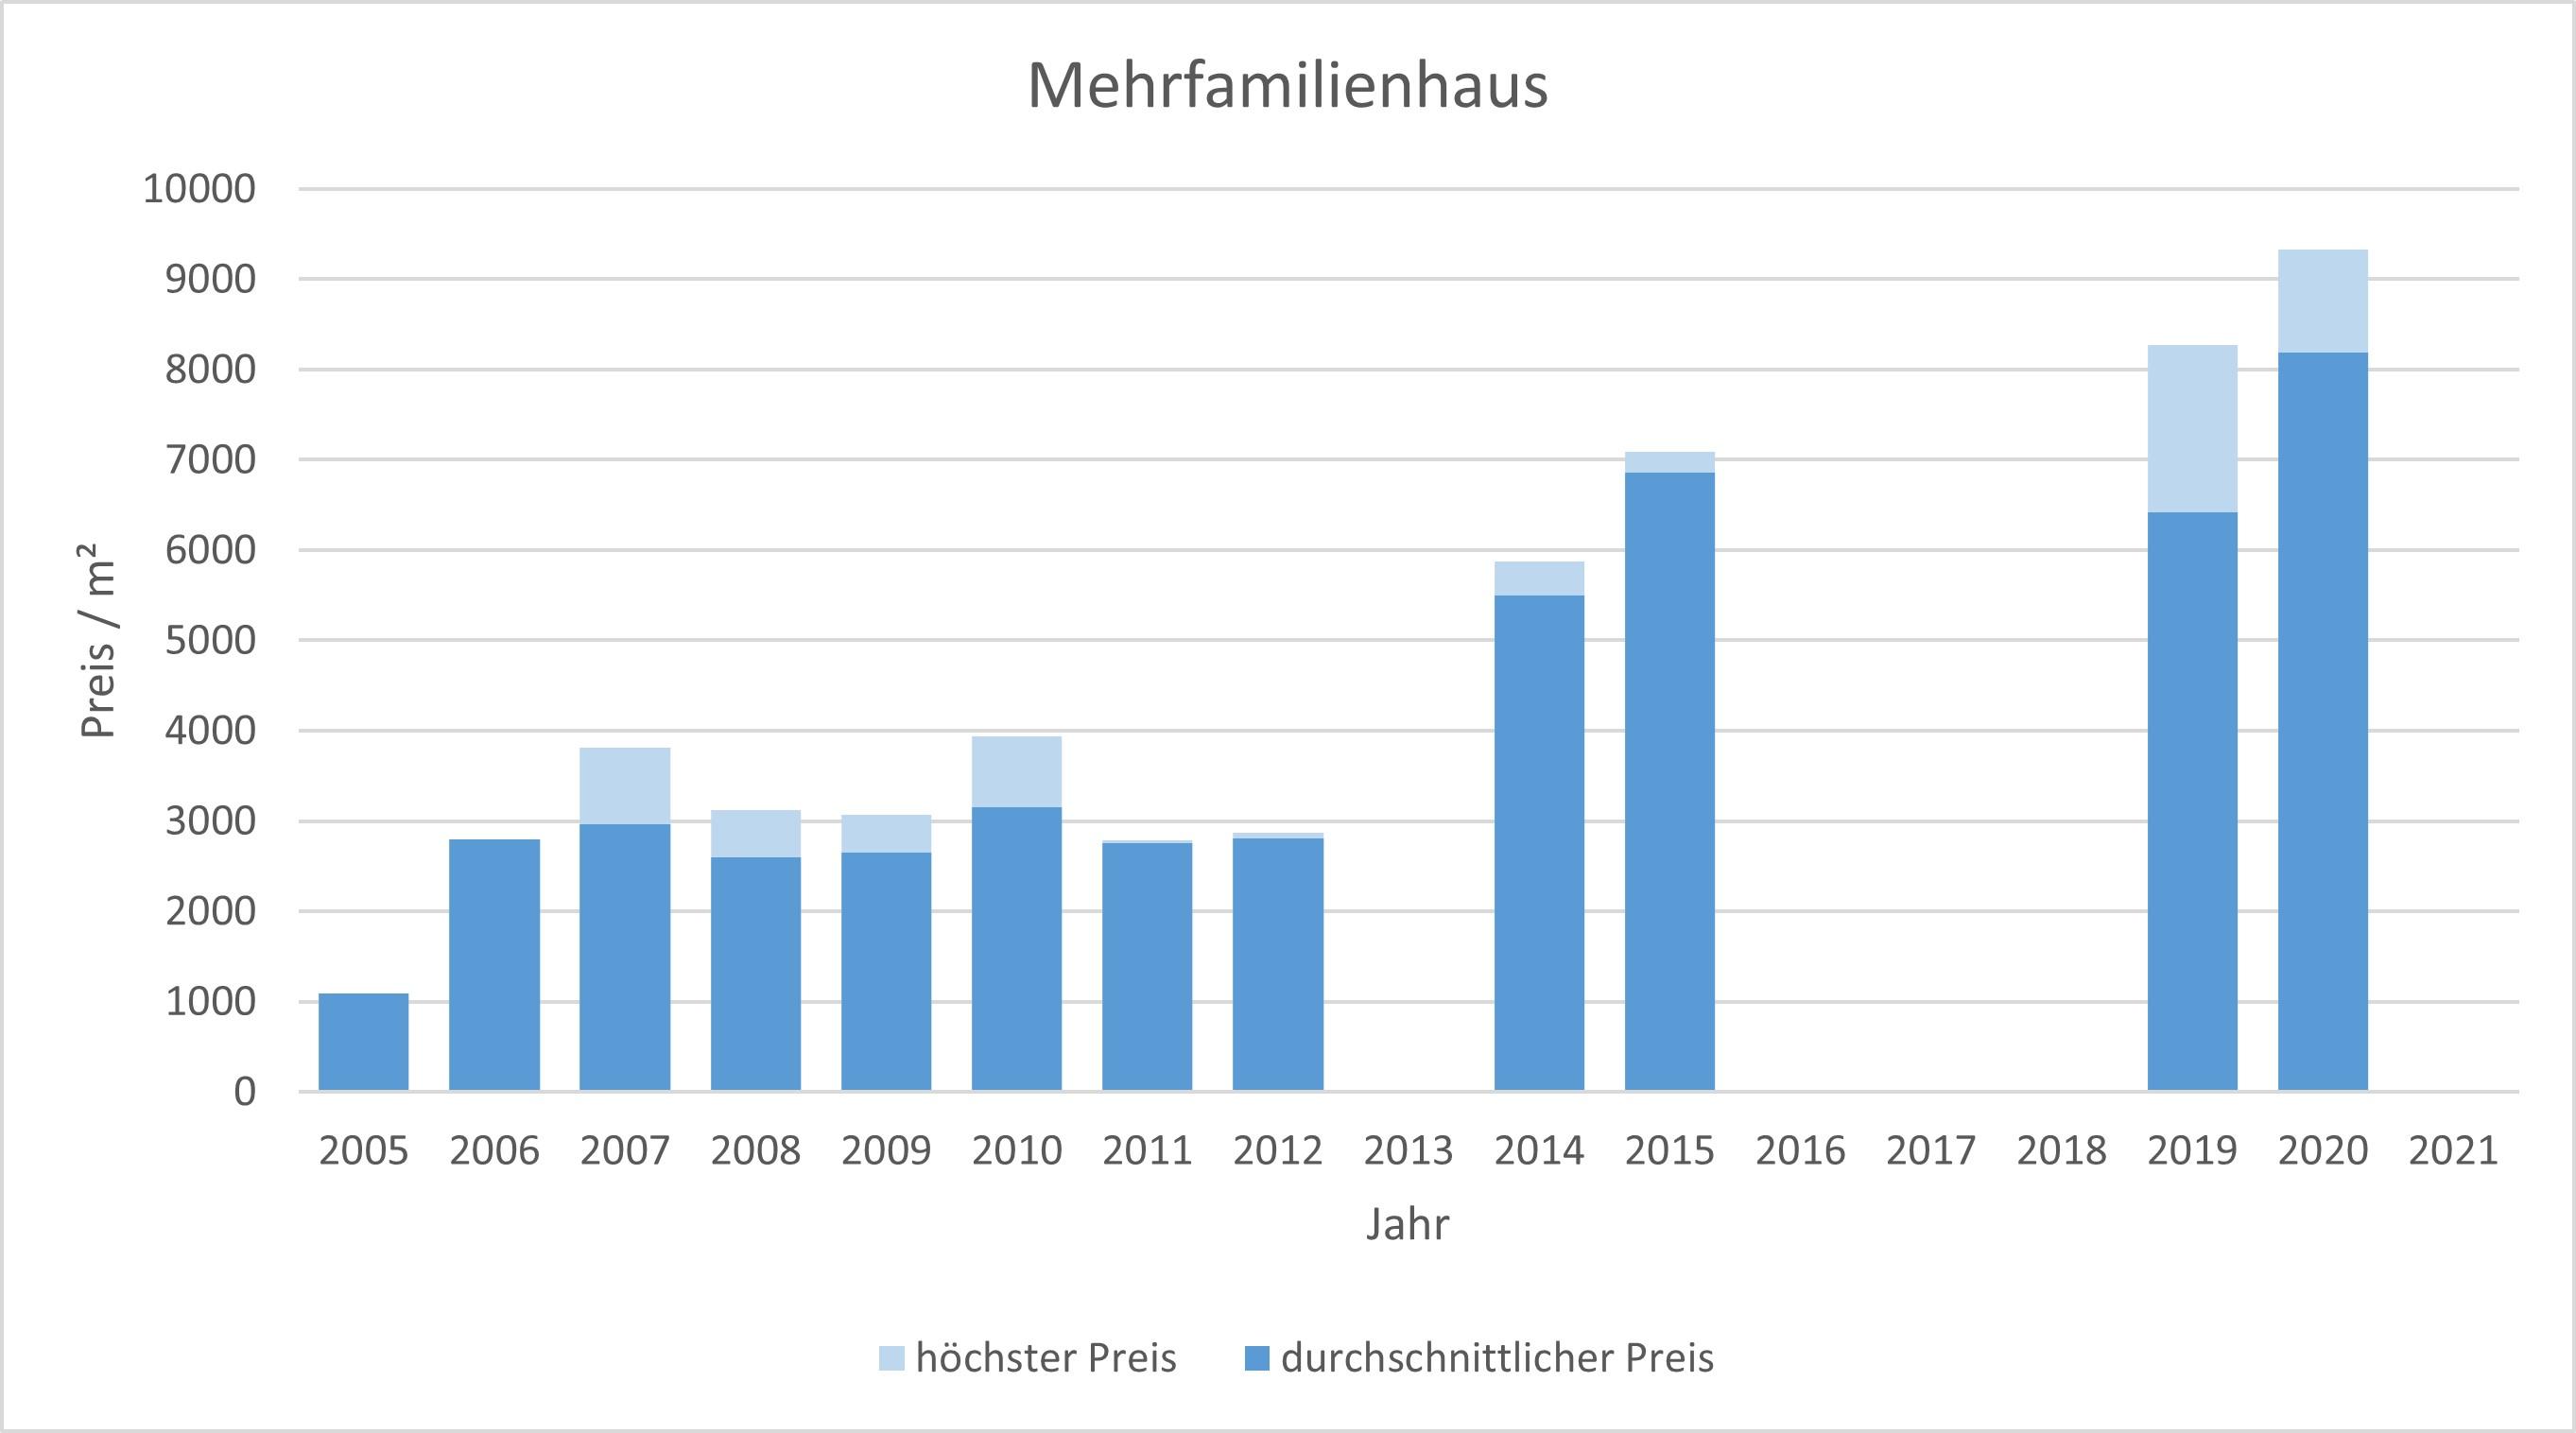 München - Waldperlach Mehrfamilienhaus kaufen verkaufen Preis Bewertung Makler www.happy-immo.de